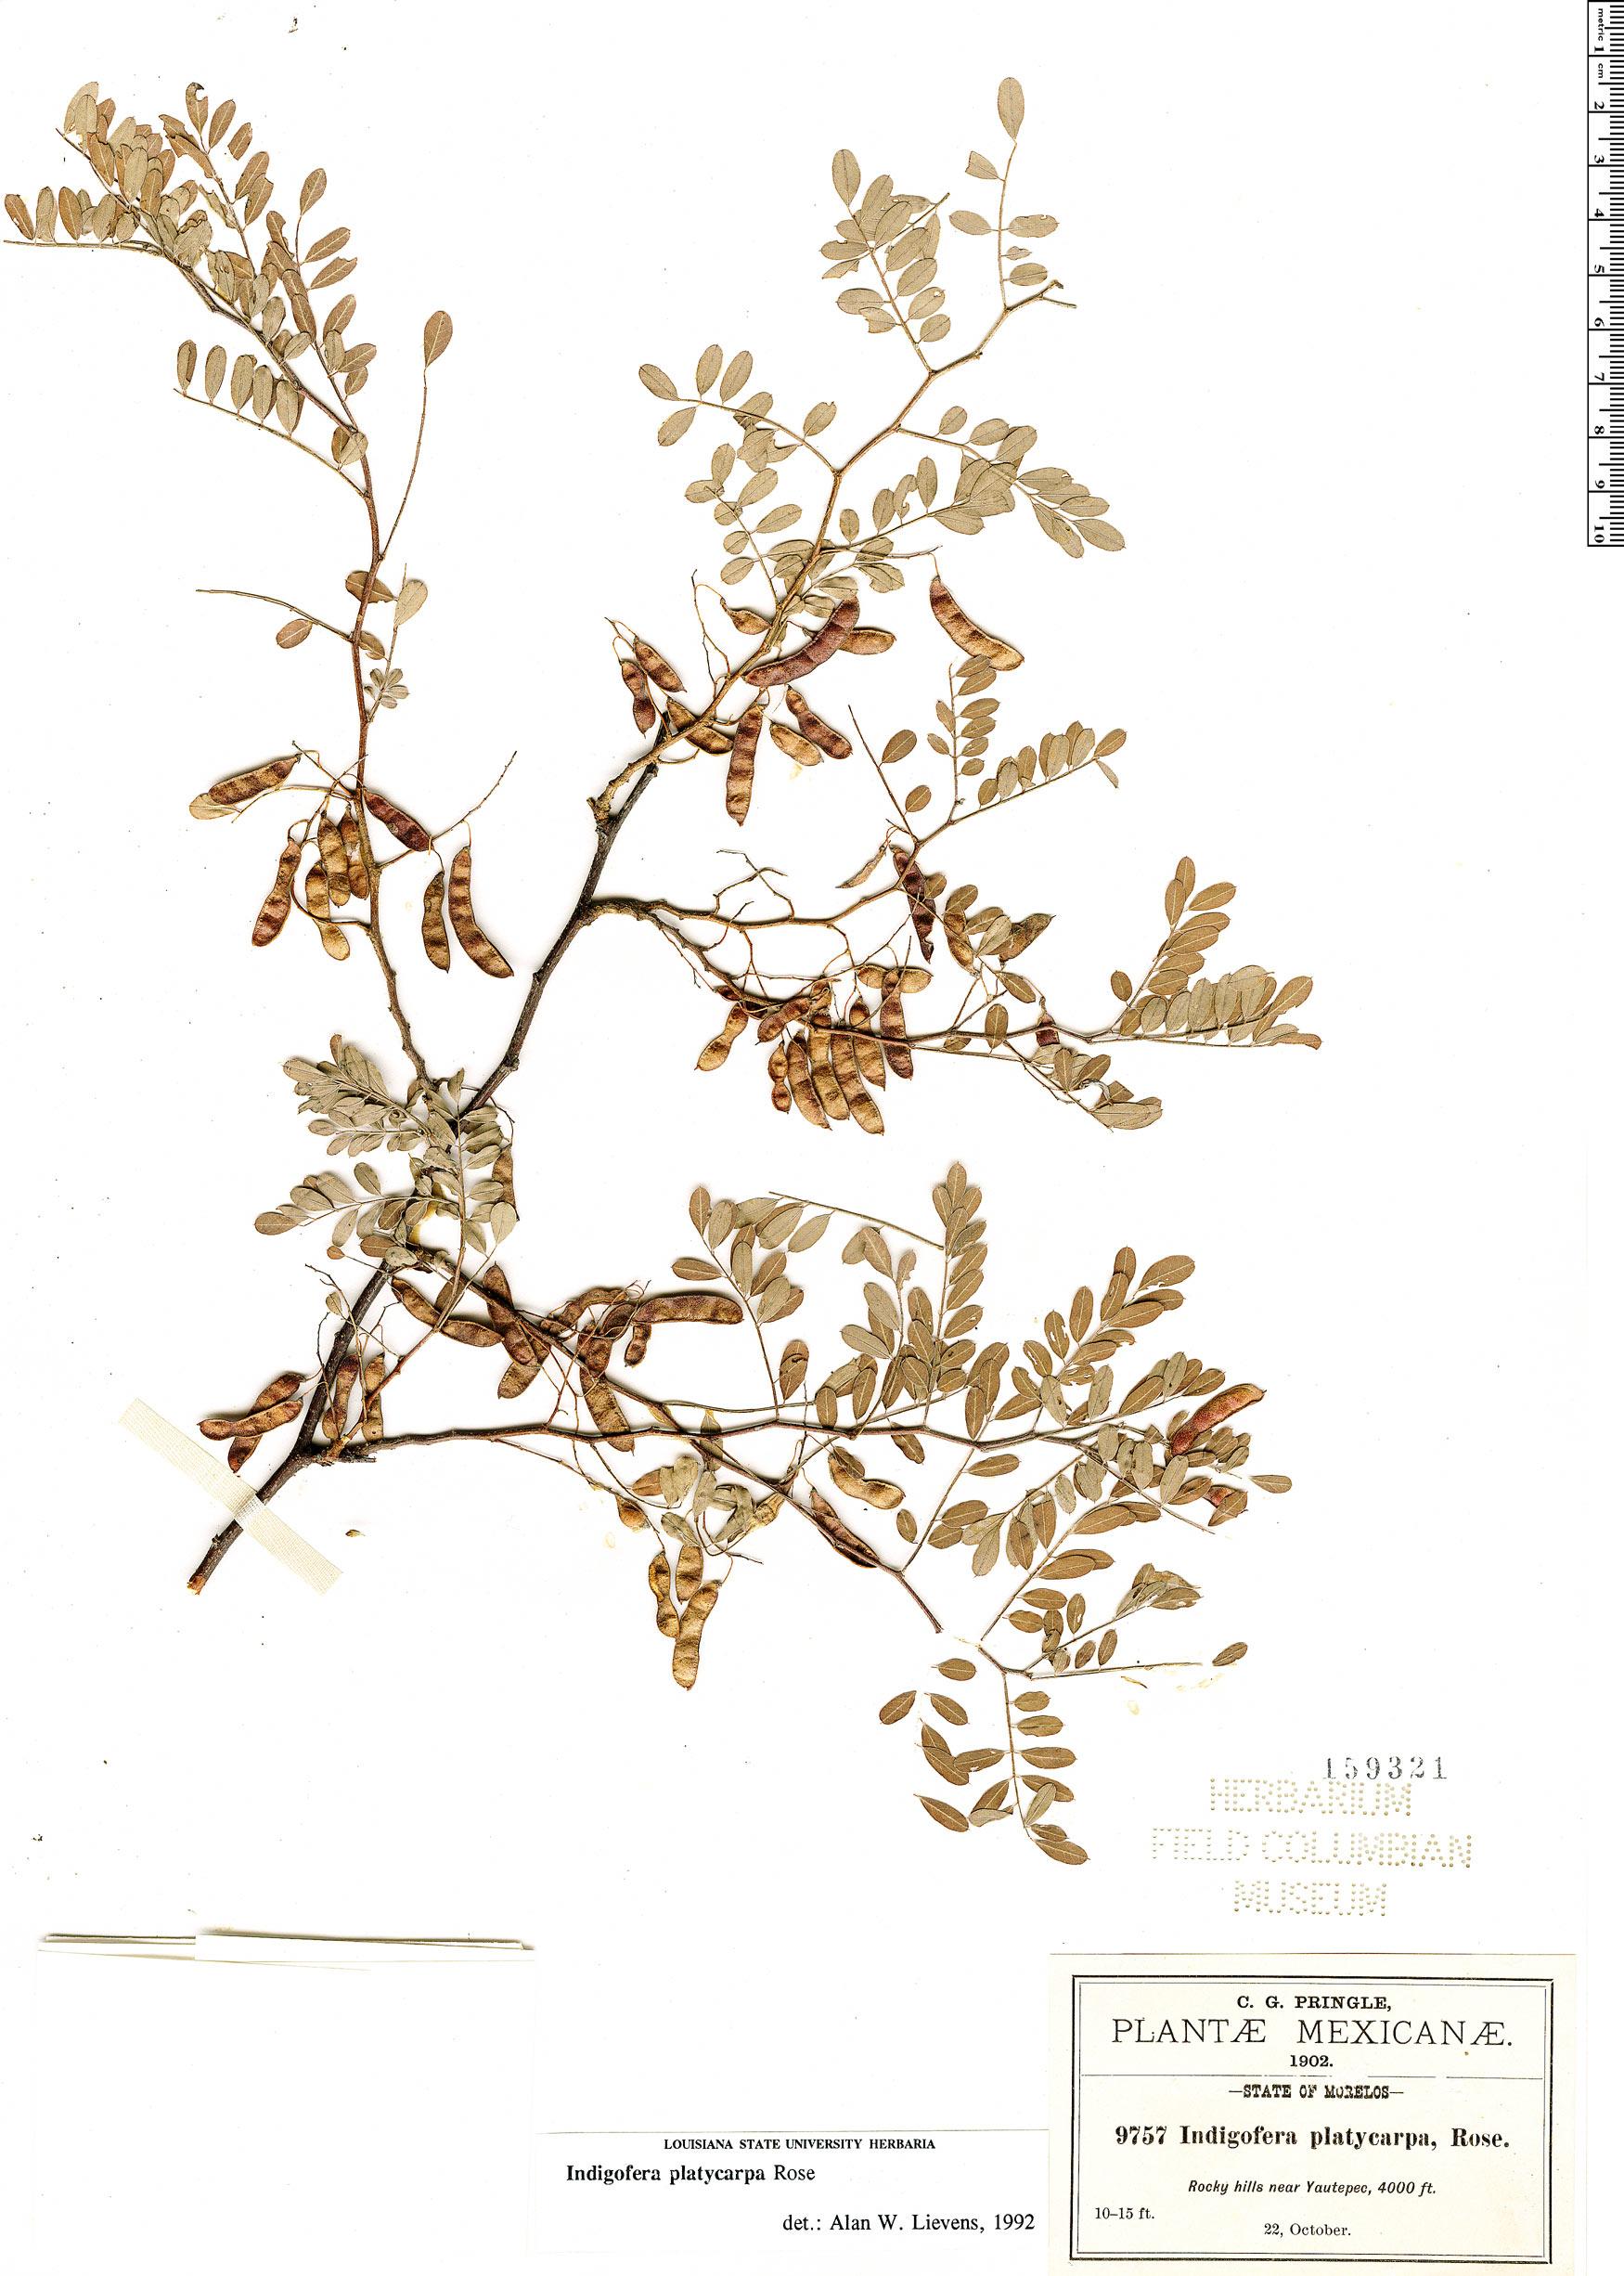 Specimen: Indigofera platycarpa